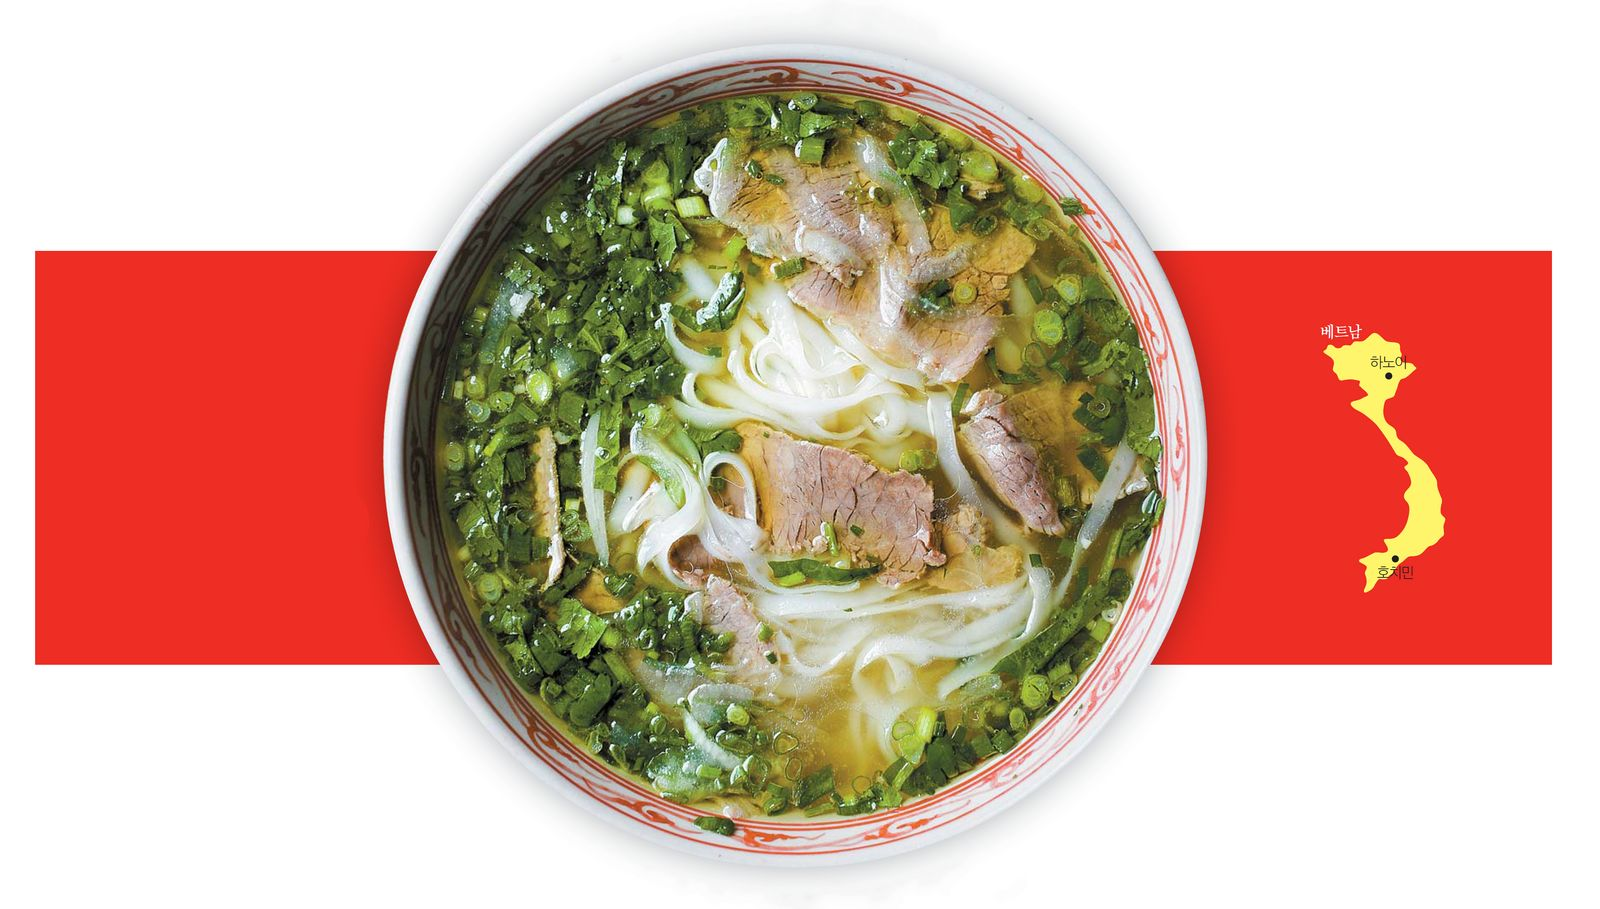 베트남 쌀국수집'에머이'(종각점)의 포(Pho)는 하노이식을 표방한다. 숙주를 넣지 않고 24시간 이상 사골과 양지로 우려낸 육수와 생면만으로 깊은 맛을 즐기는 게 특징이다.